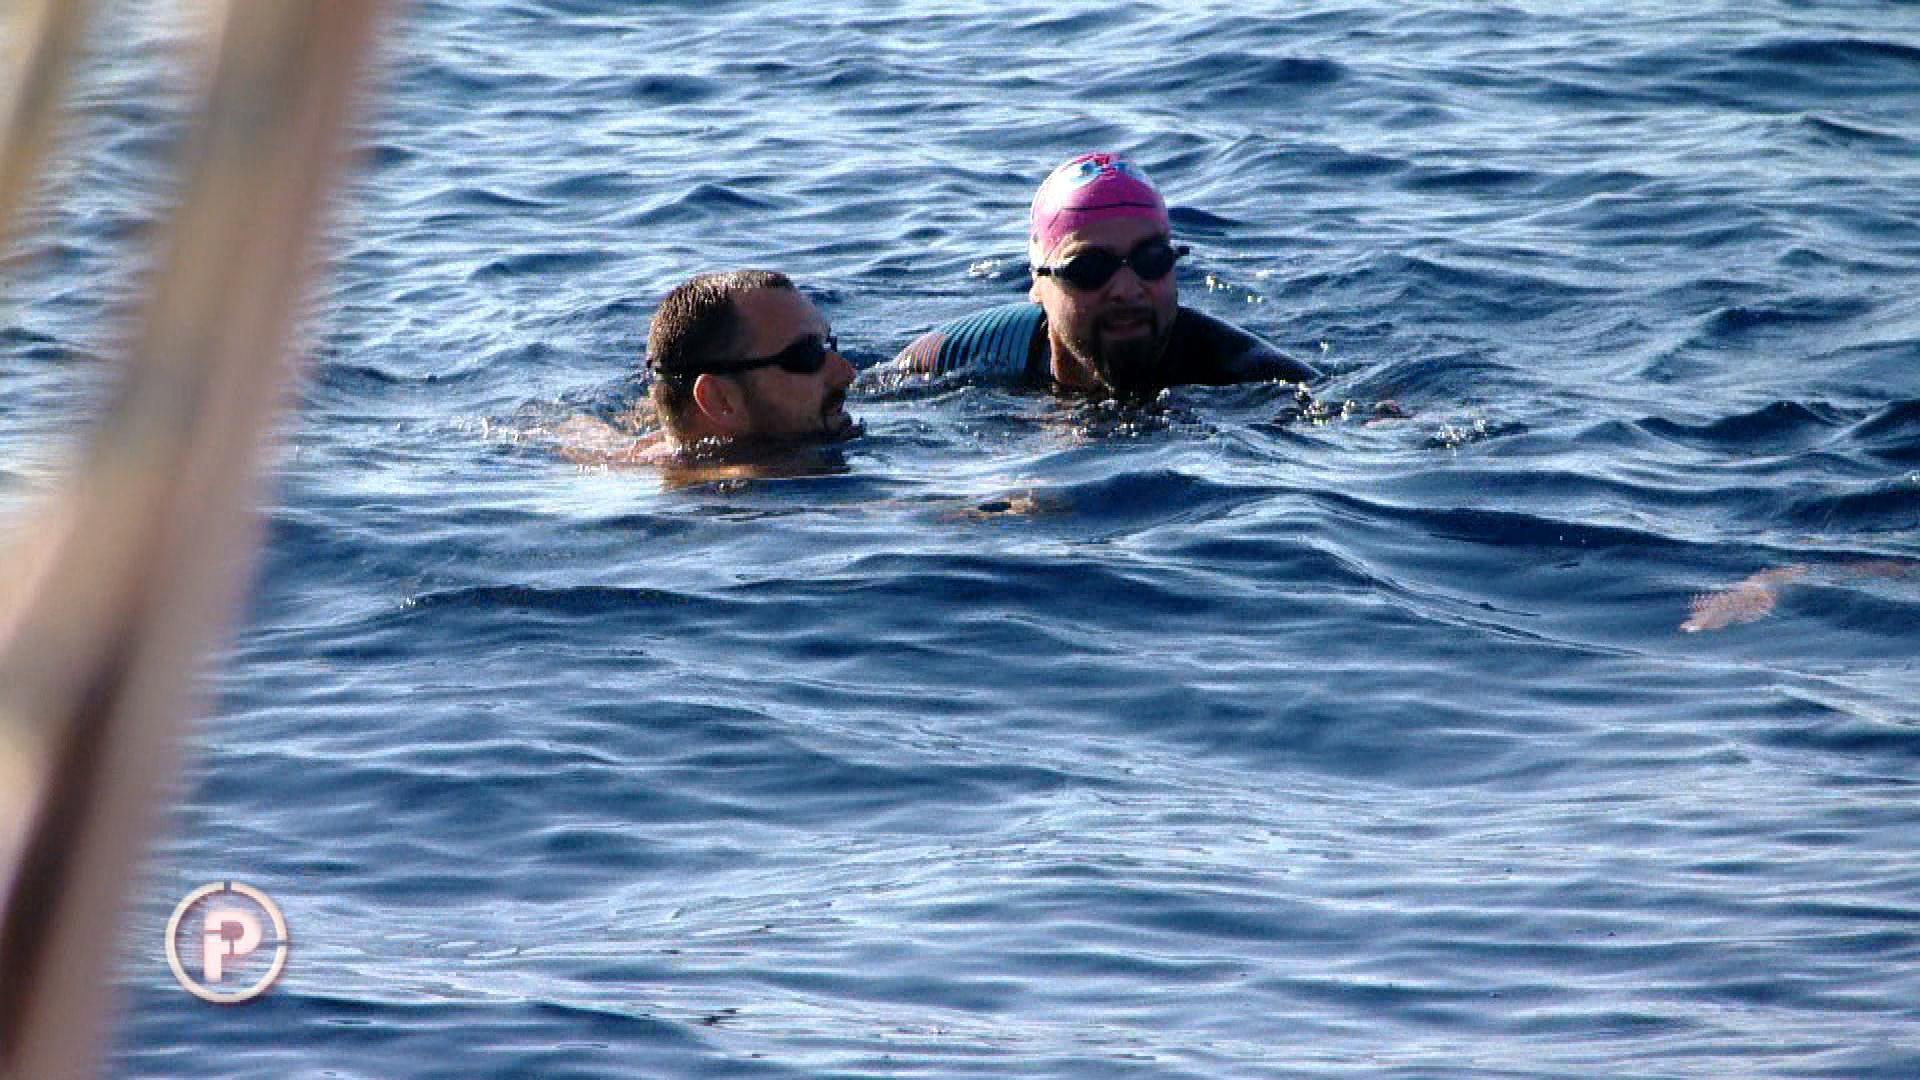 izlazi iz pluta od preko 50-ih godina kako mogu spojiti filter za bazen